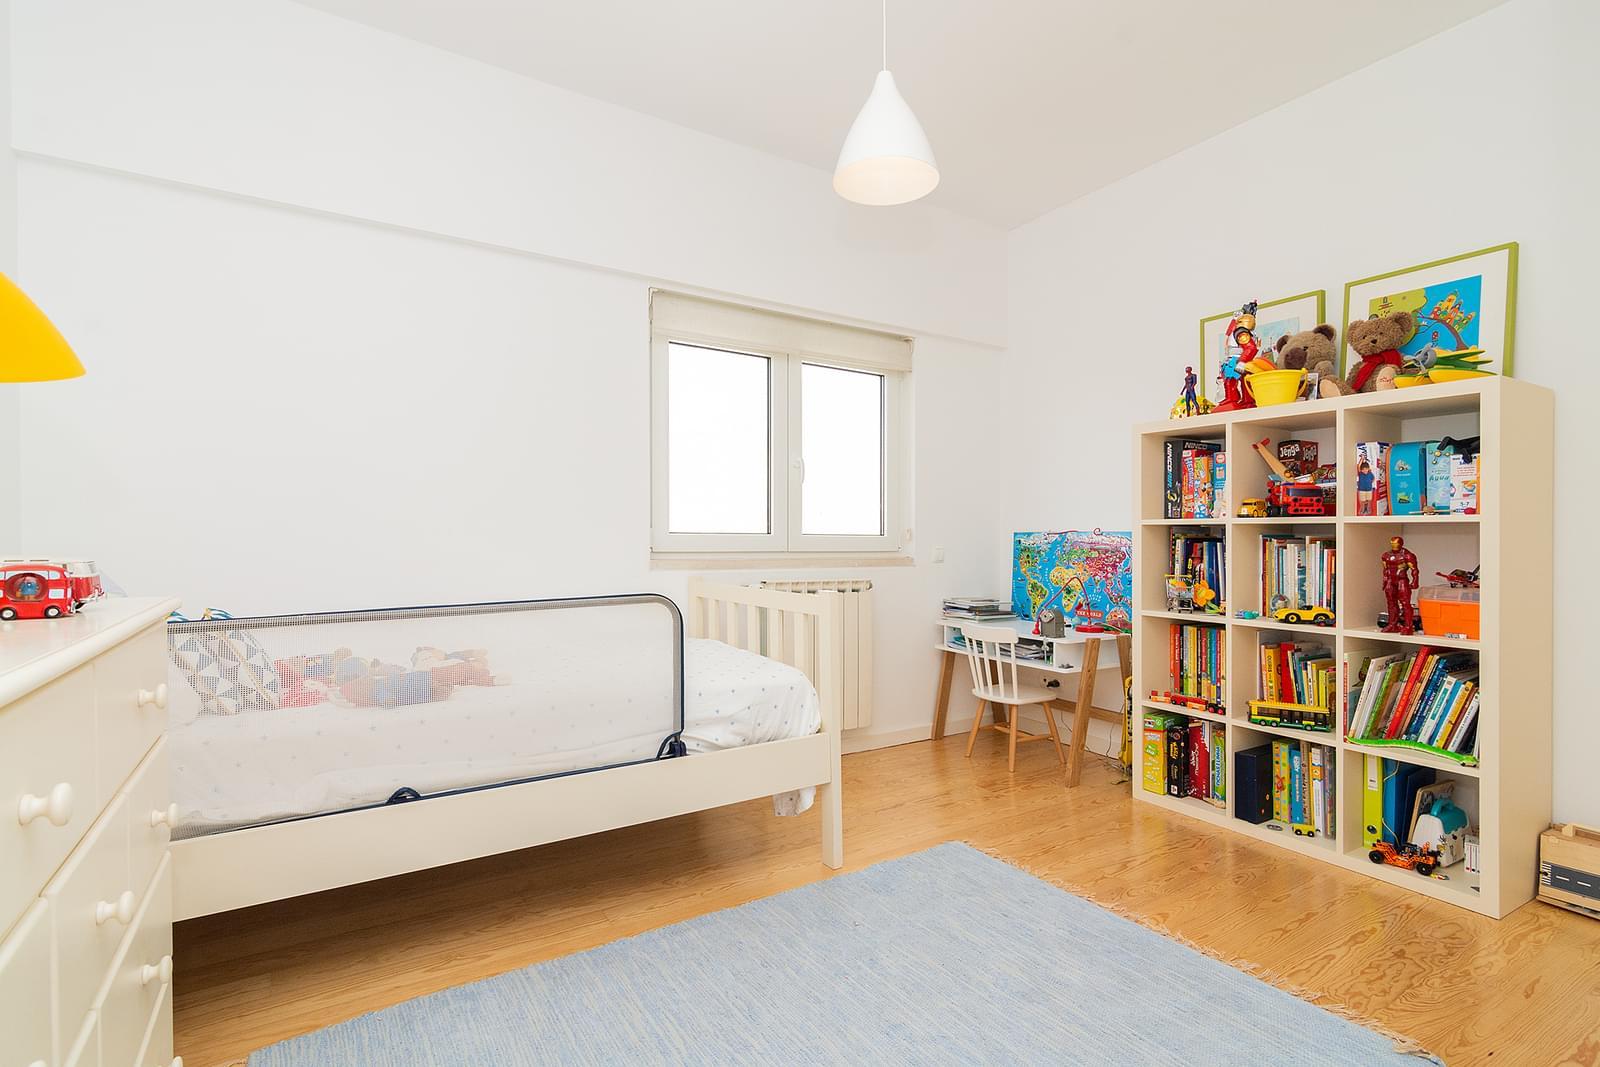 pf14147-apartamento-t3-lisboa-eca1a00d-92b6-4093-94f6-7d751e796409